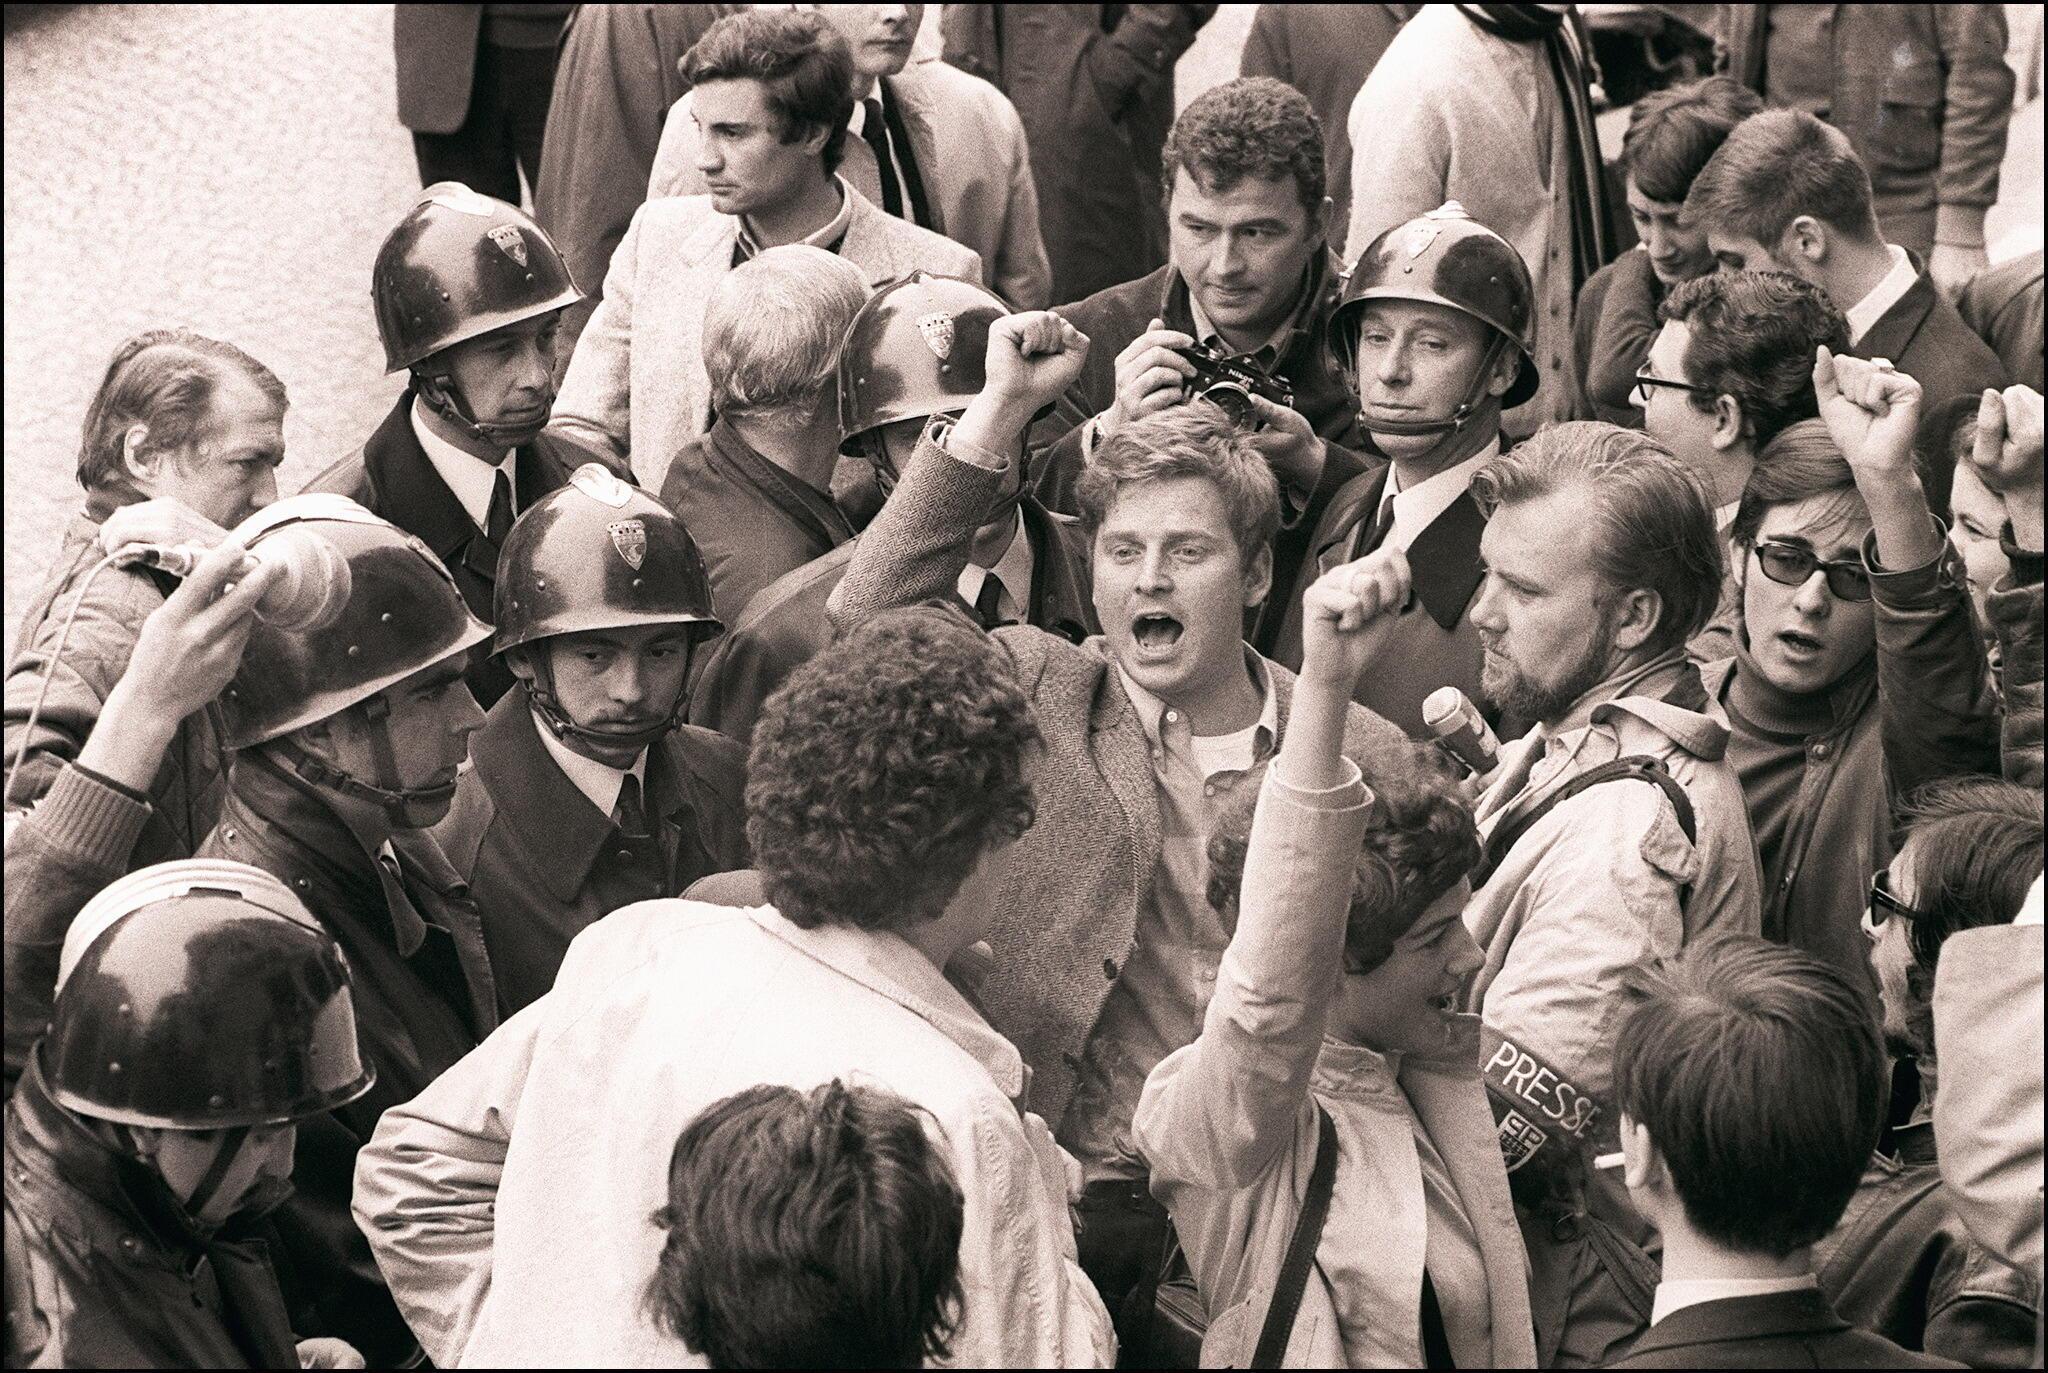 El líder Daniel Cohn-Bendit (centro) canta el himno socialista 'La Internacional', el 6 de mayo de 1968 en París, cercado por los policías y otros estudiantes, antes de ir al Comité Disciplinario de la Universidad de París Sorbona.